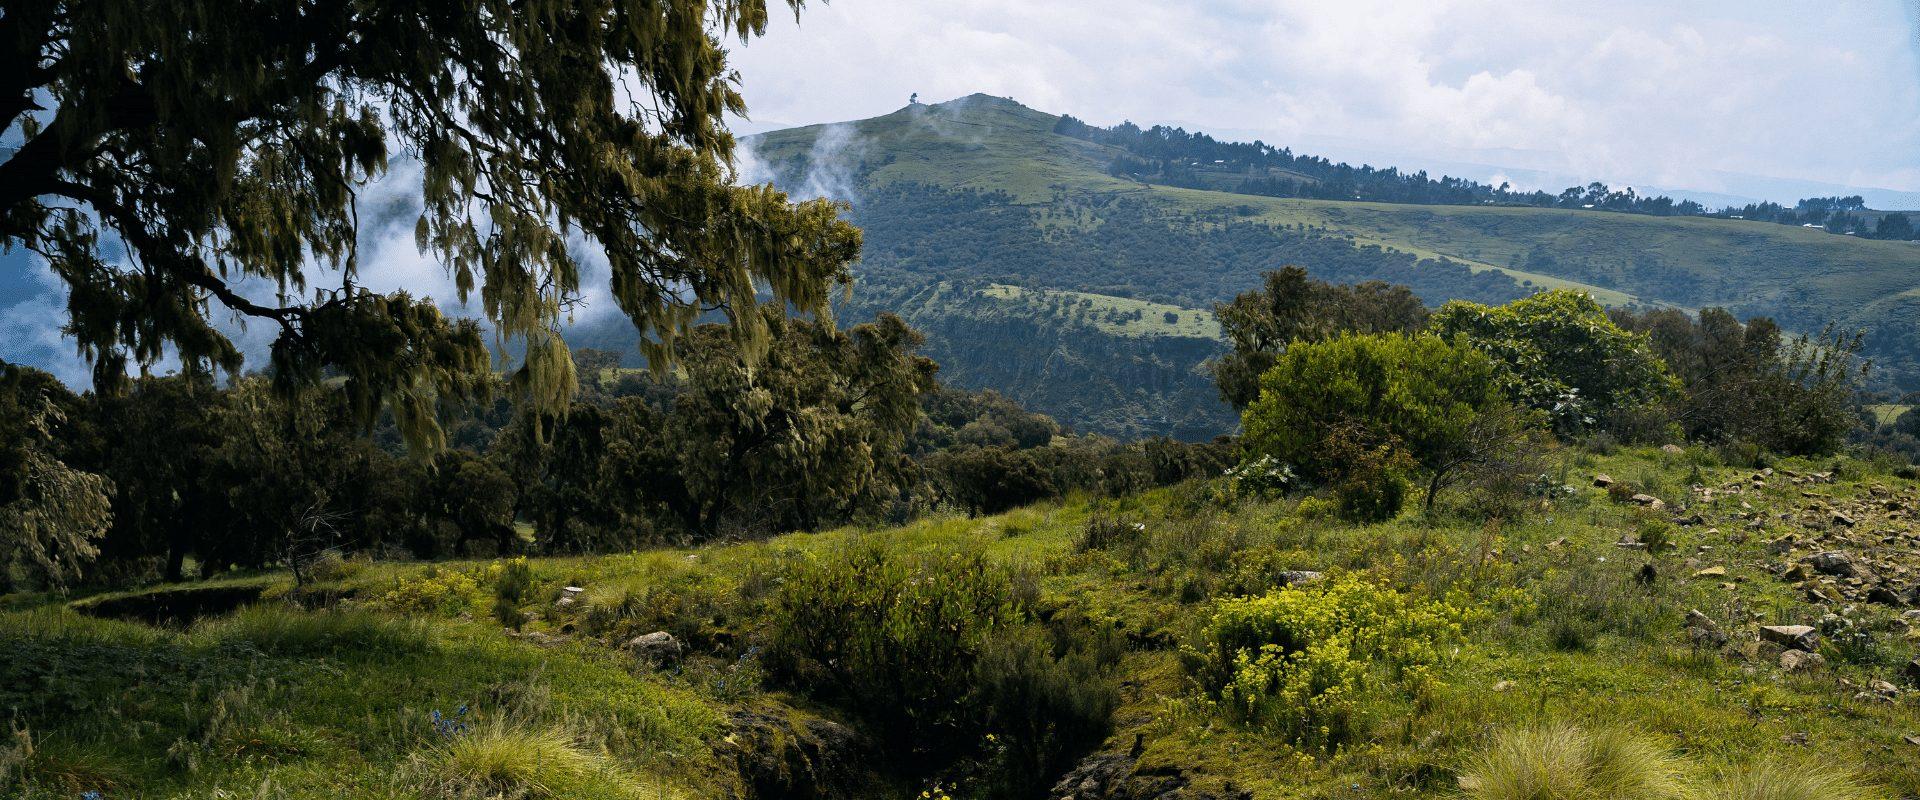 Sehenswürdigkeiten in Äthiopien